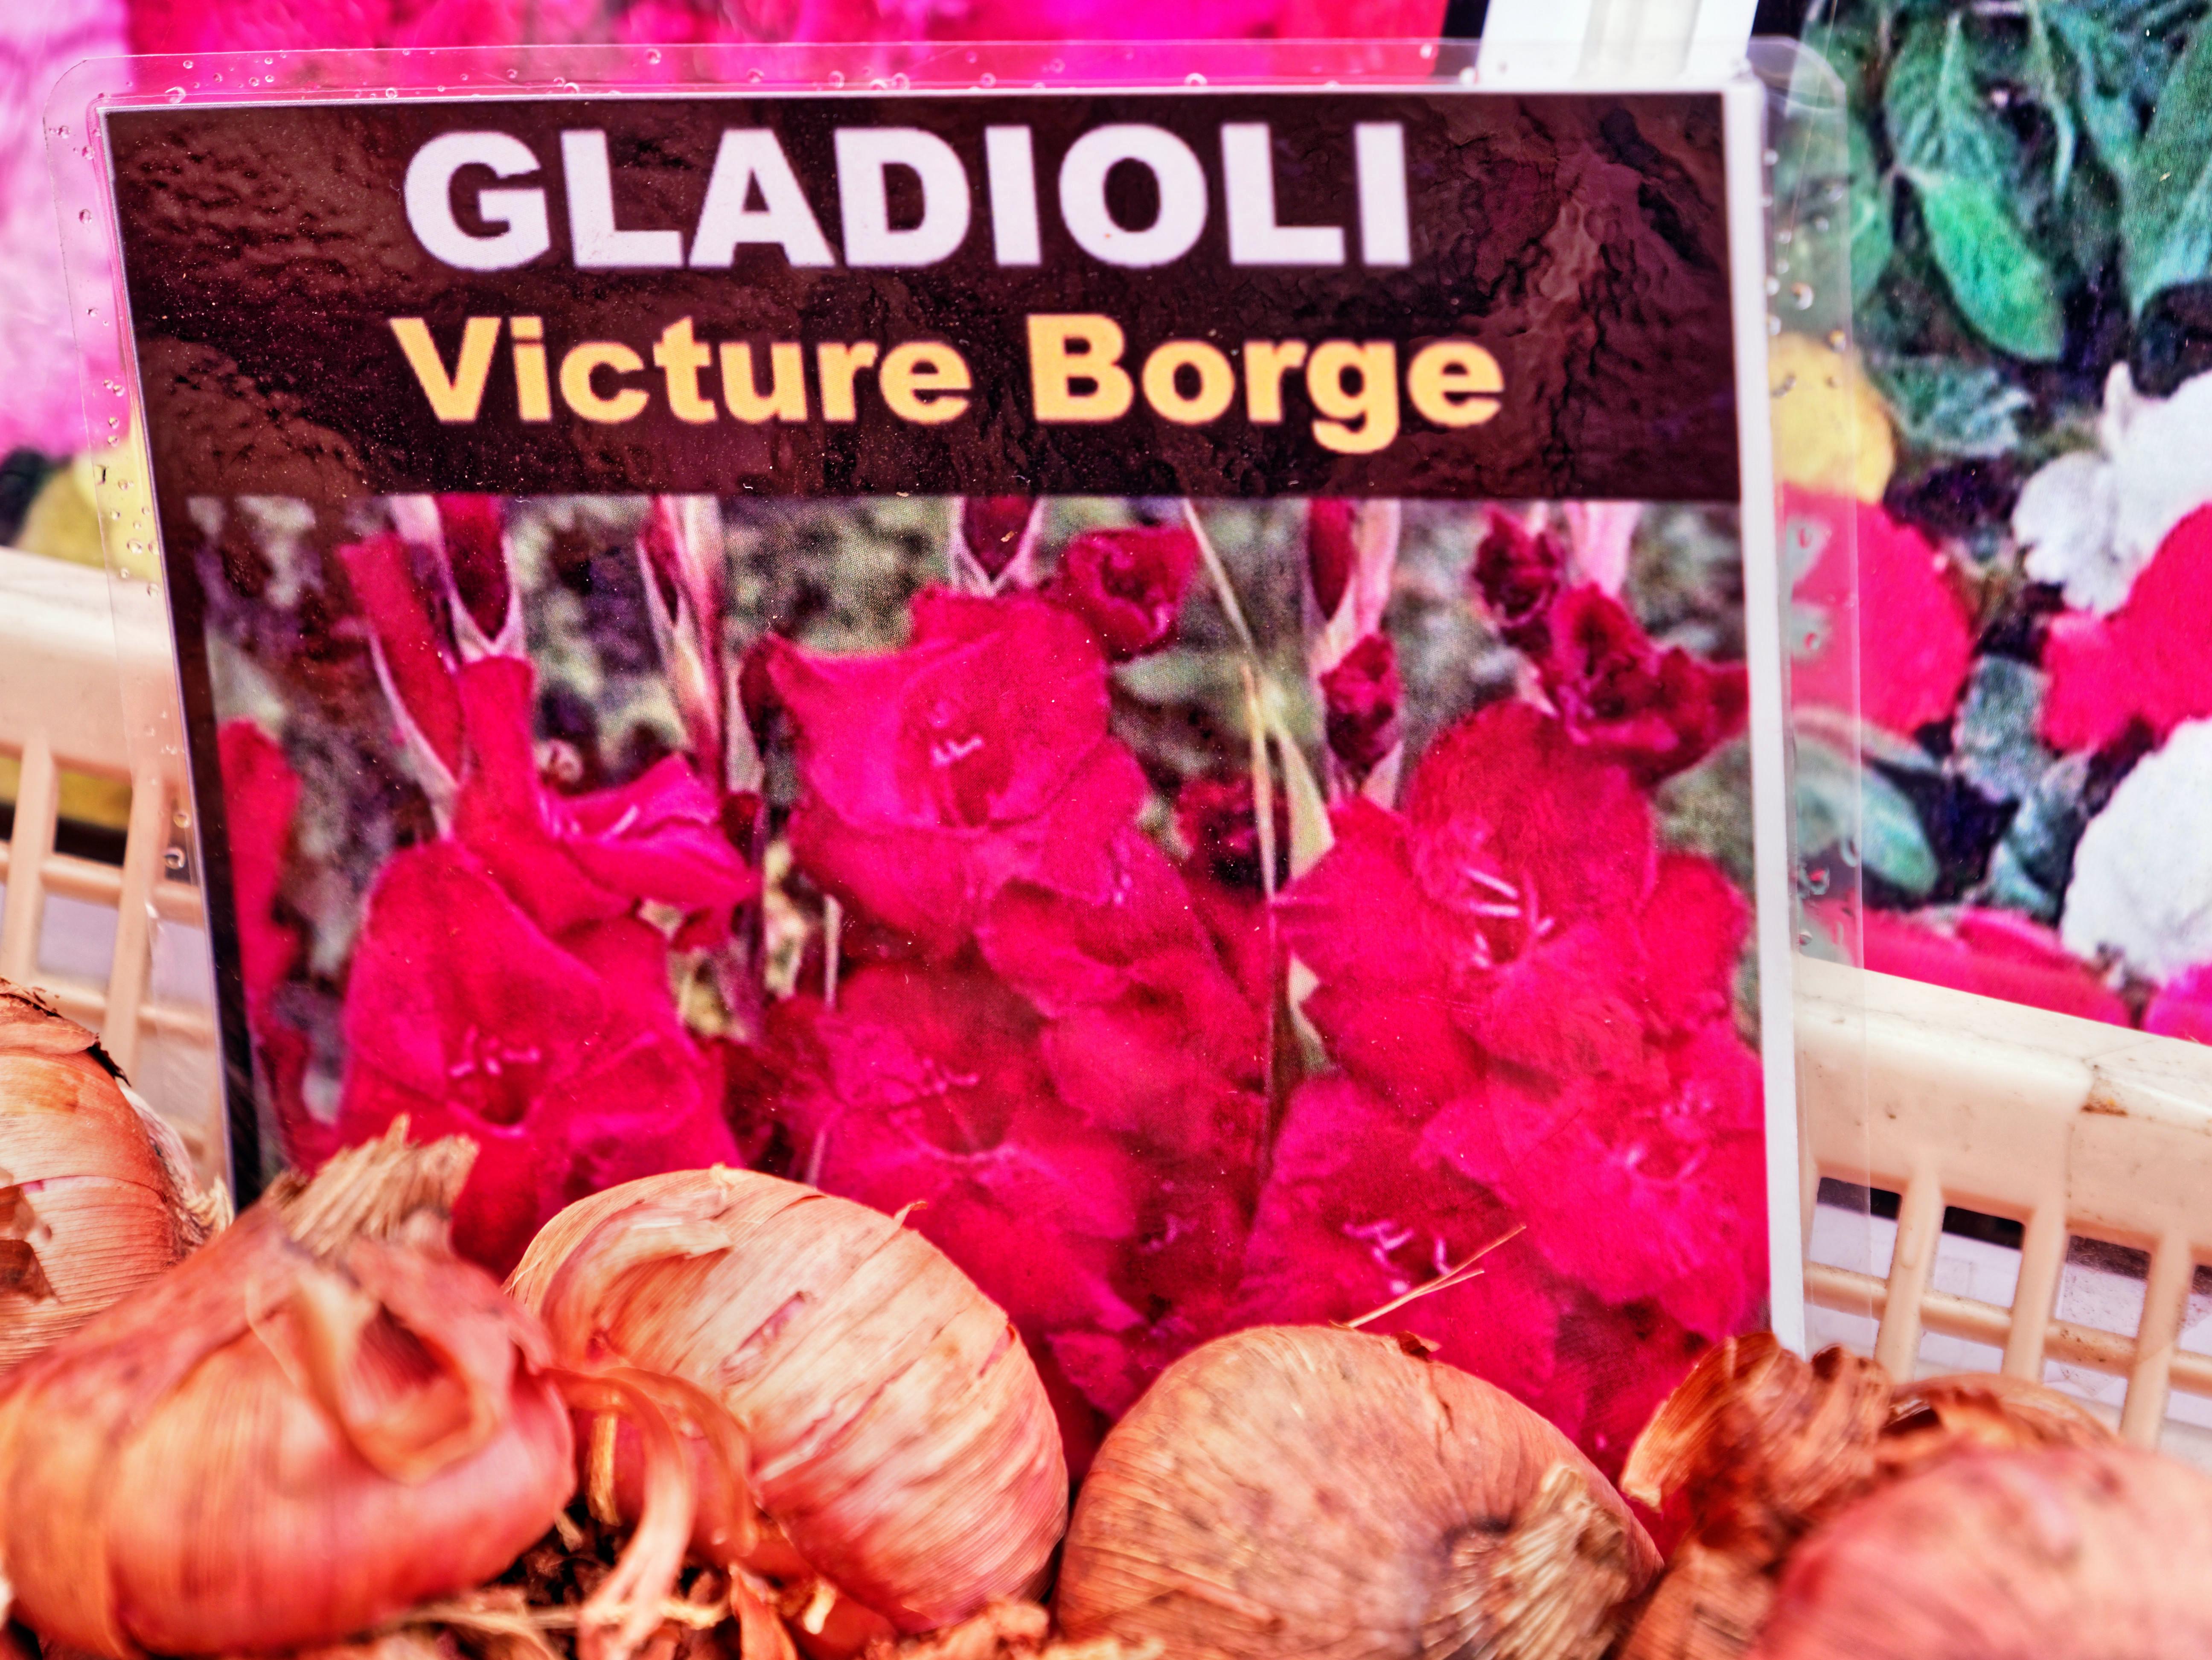 Gladiolus-Victure-Borge.jpeg